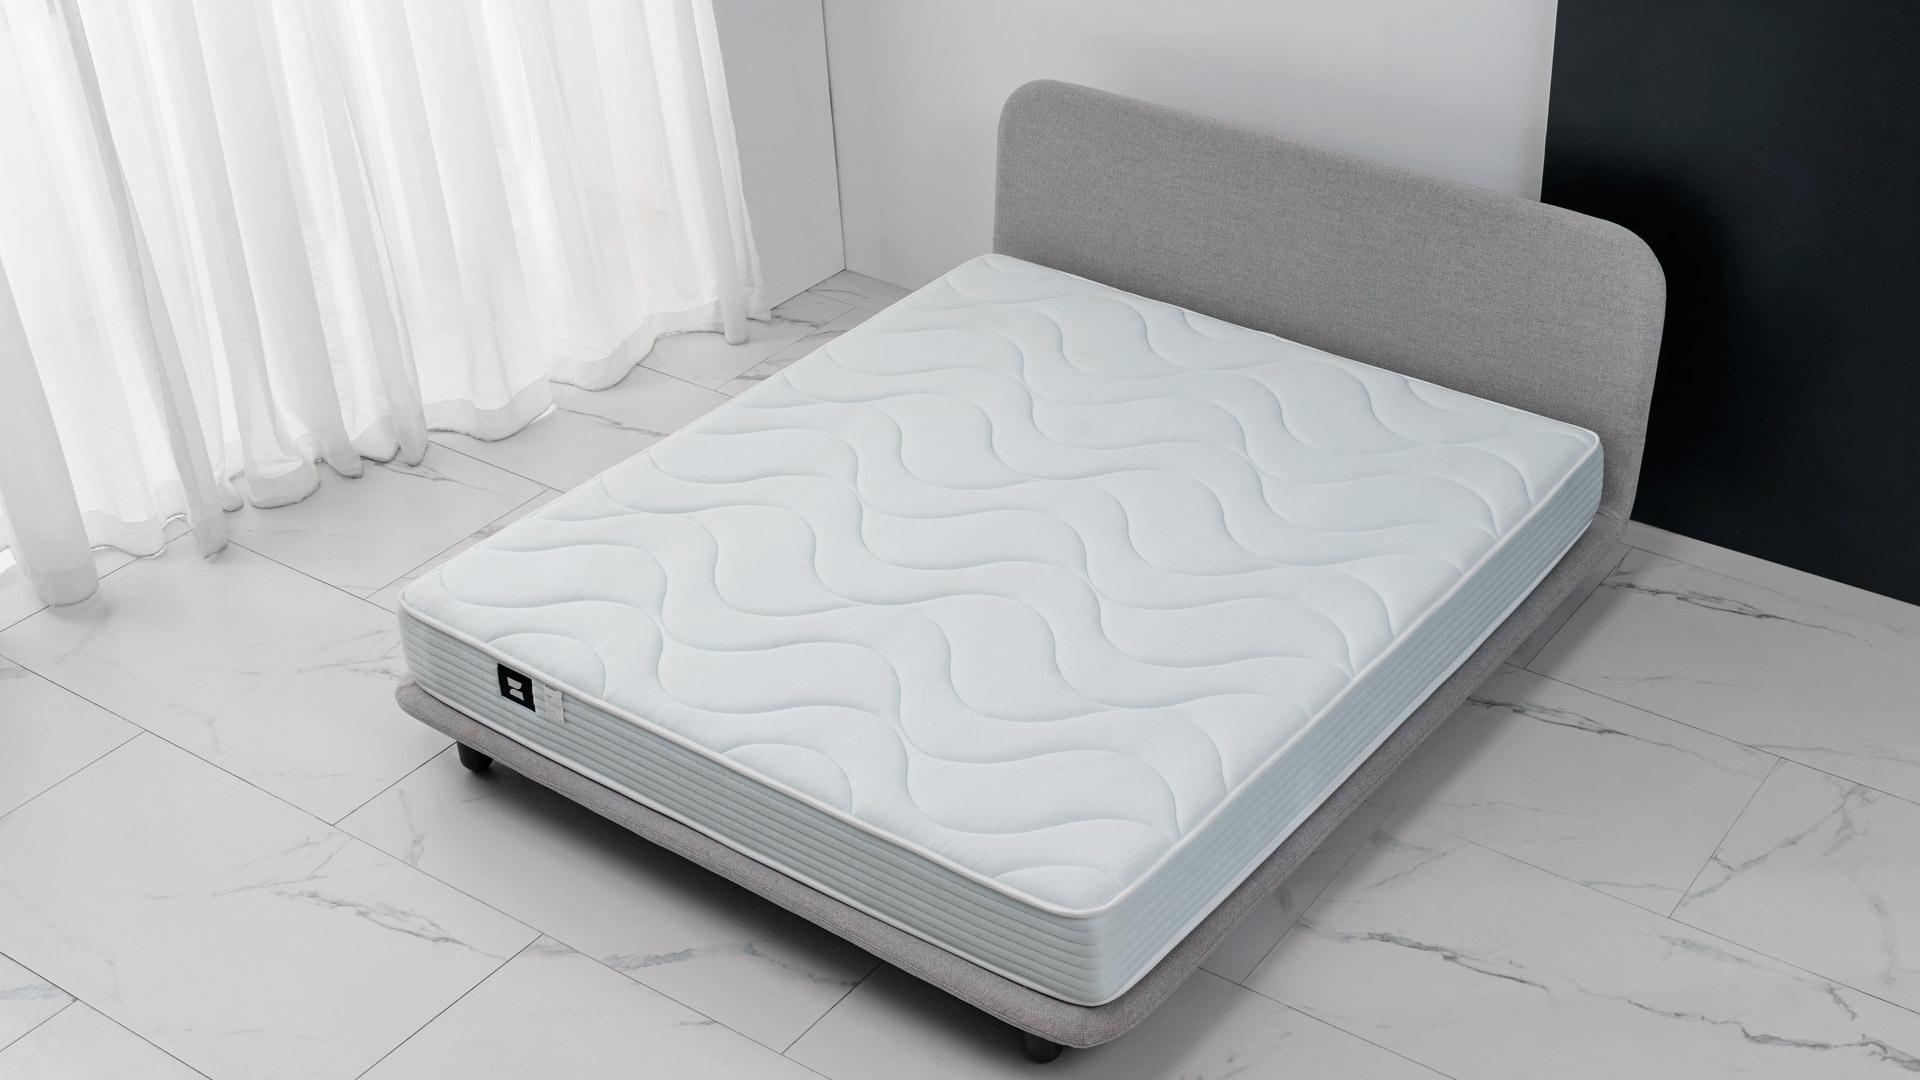 5区弹簧+10层精准填充,为深睡眠而生